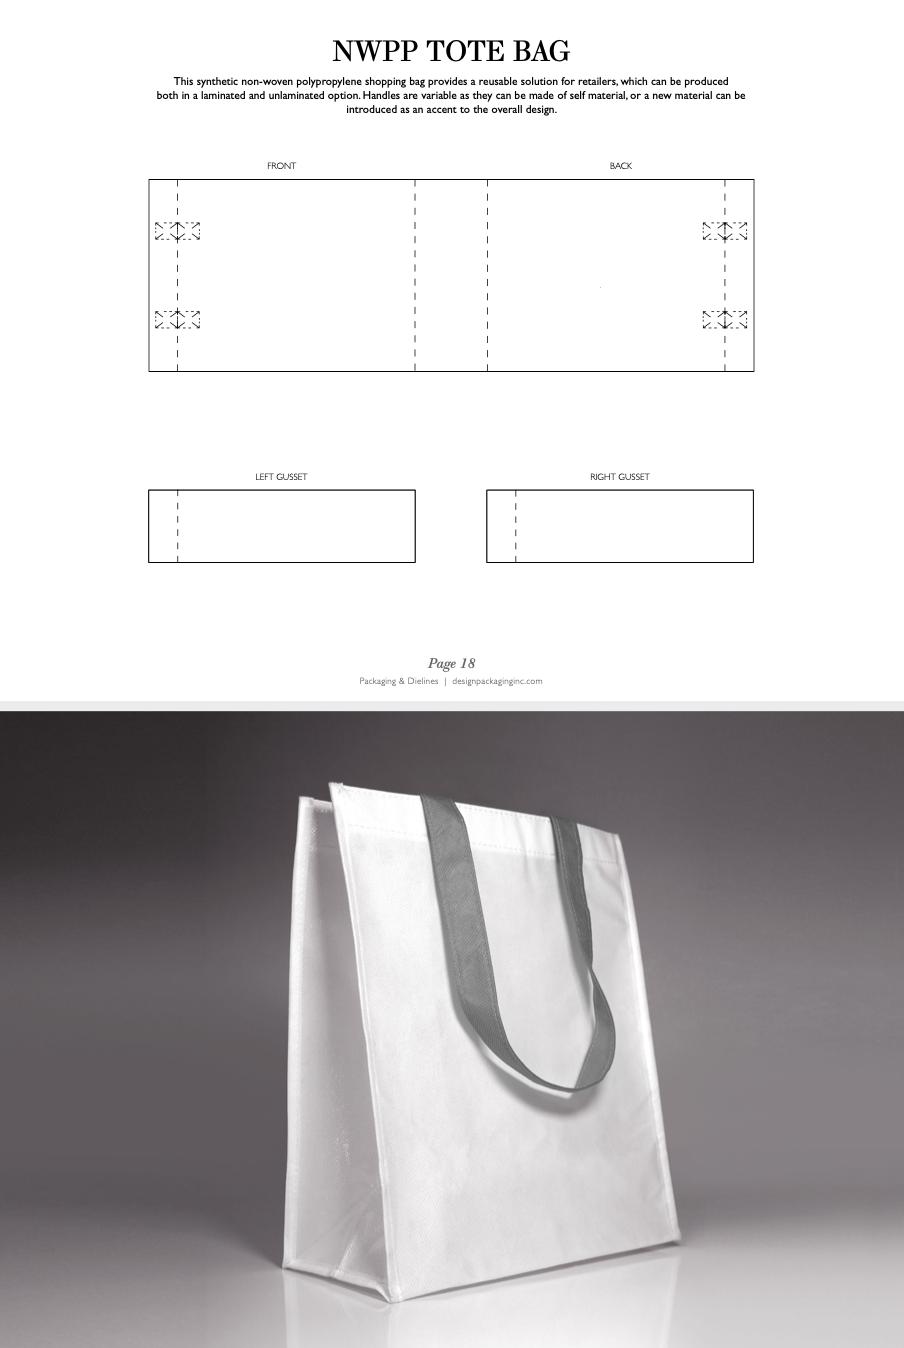 Nwpp Tote Bag Bag Nwpp Tote Wellness Design Tote Bag Book Design